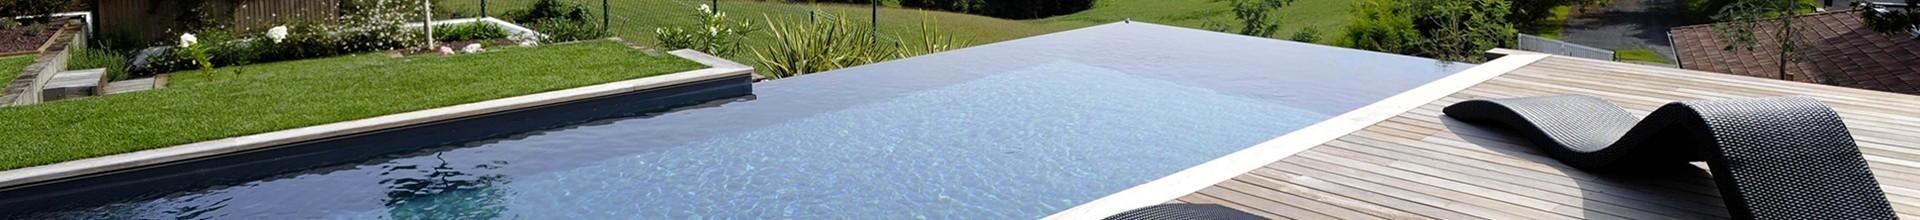 Provence Alpes côte d'azur Fabricant d'une piscine révolutionnaire